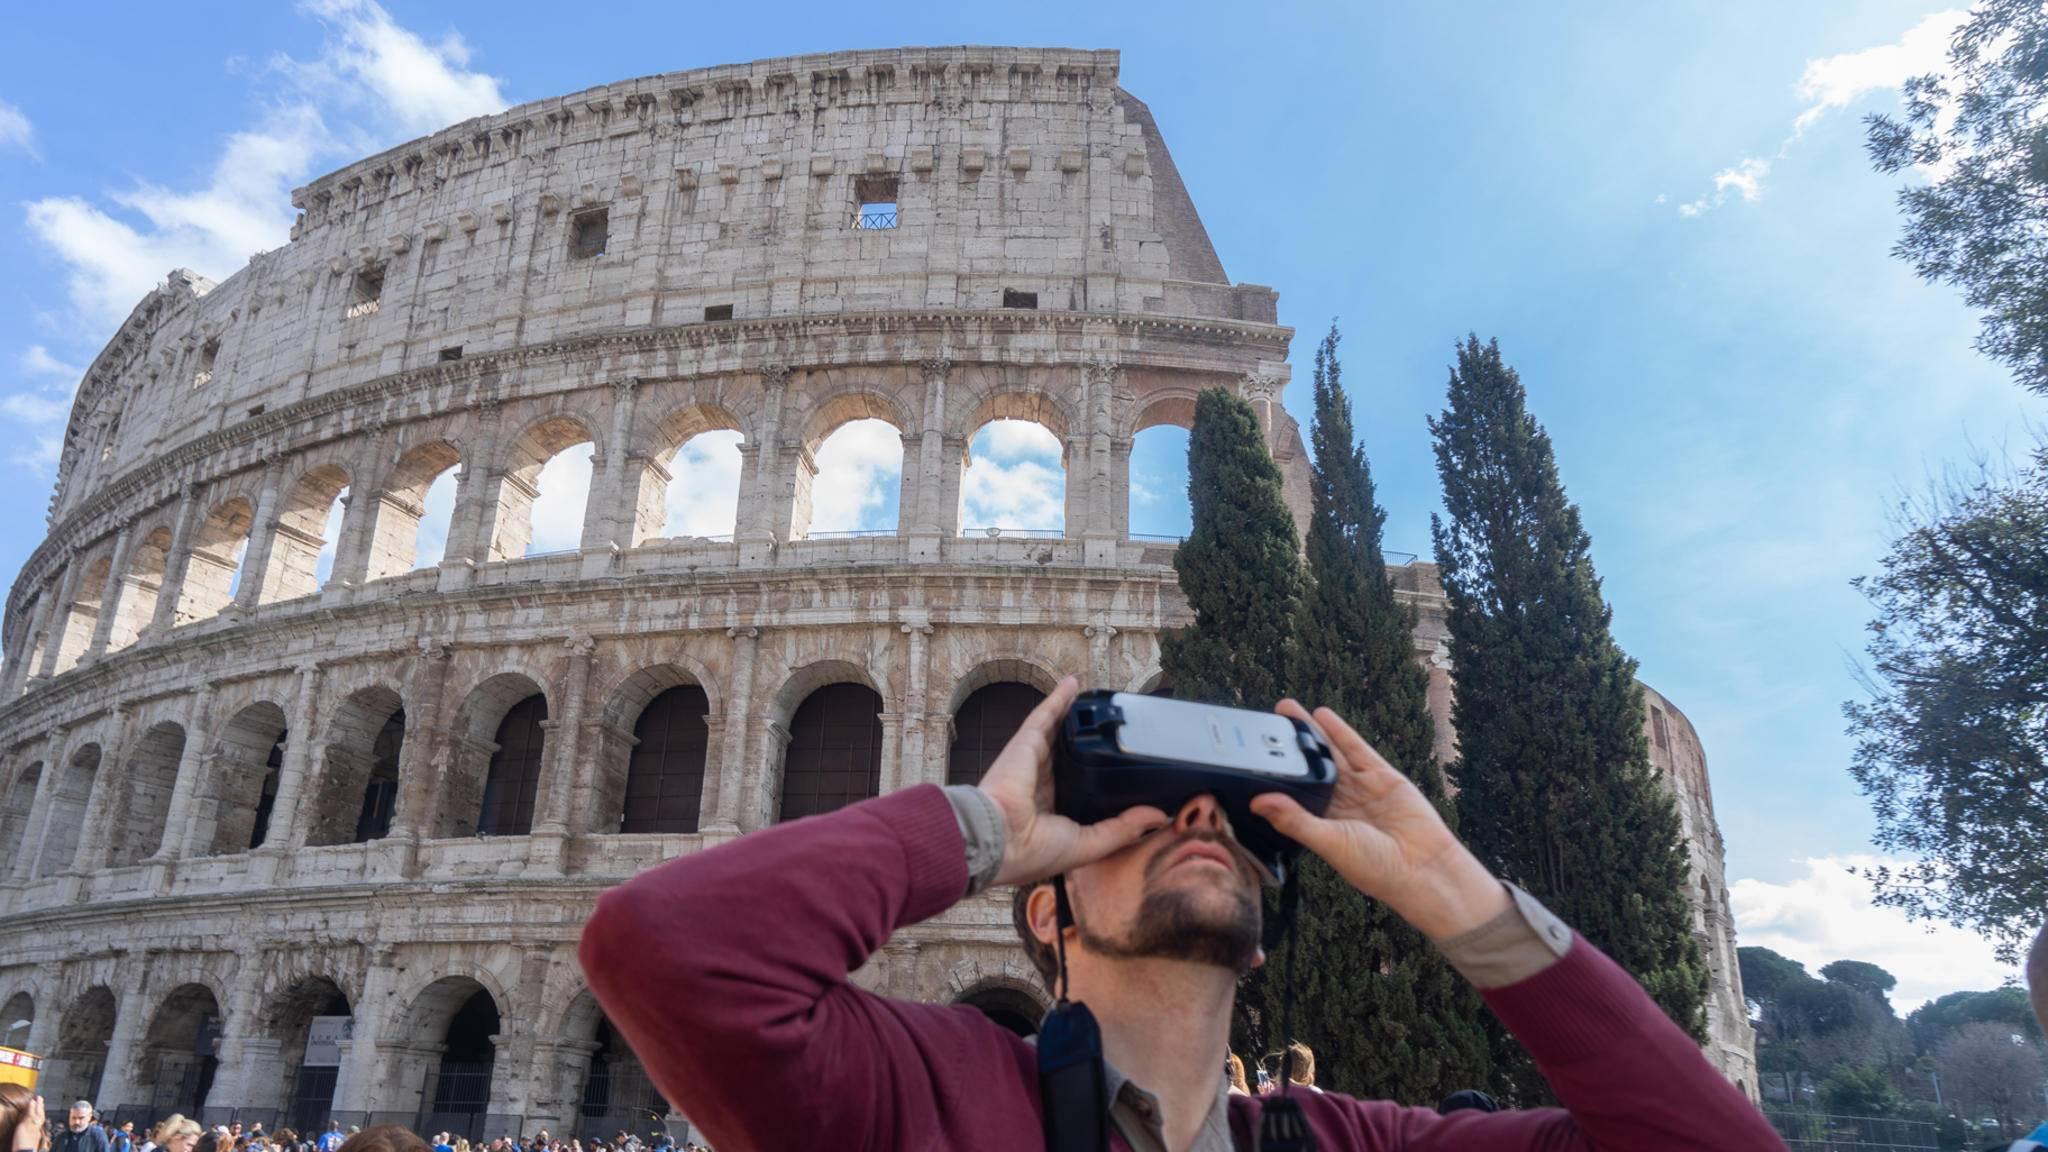 Willkommen im Gestern: Wer Rom zu Zeiten der alten Römer erleben will, kann in der italienischen Metropole mittlerweile auch eine geführte VR-Tour buchen.